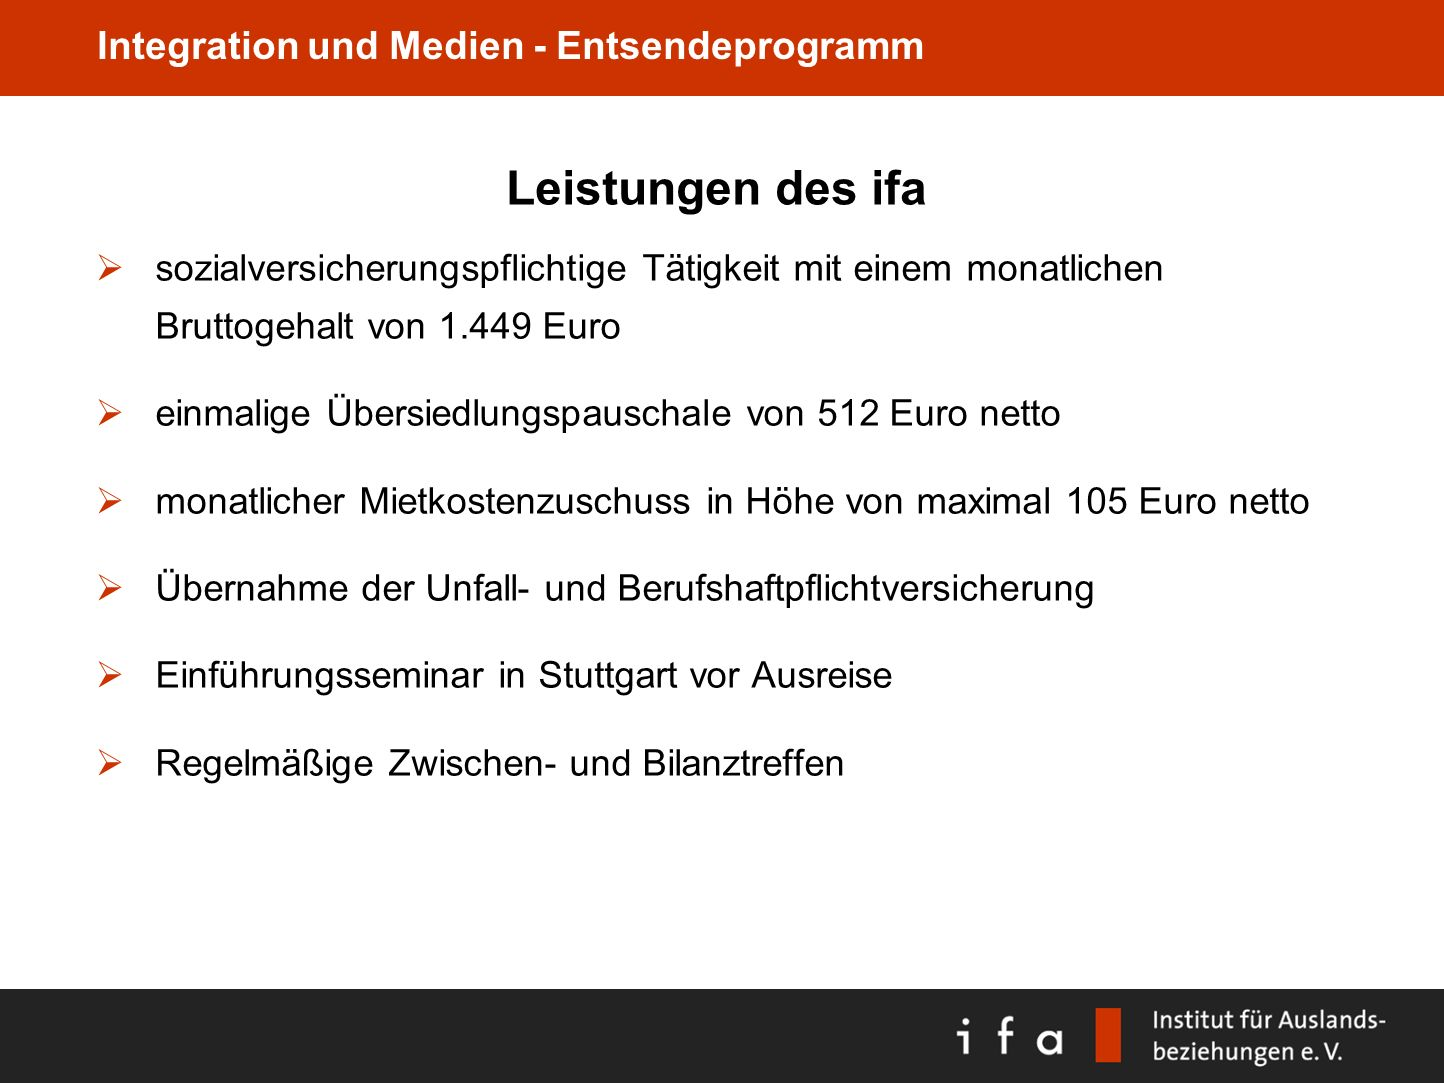 Leistungen des ifa sozialversicherungspflichtige Tätigkeit mit einem monatlichen Bruttogehalt von 1.449 Euro.